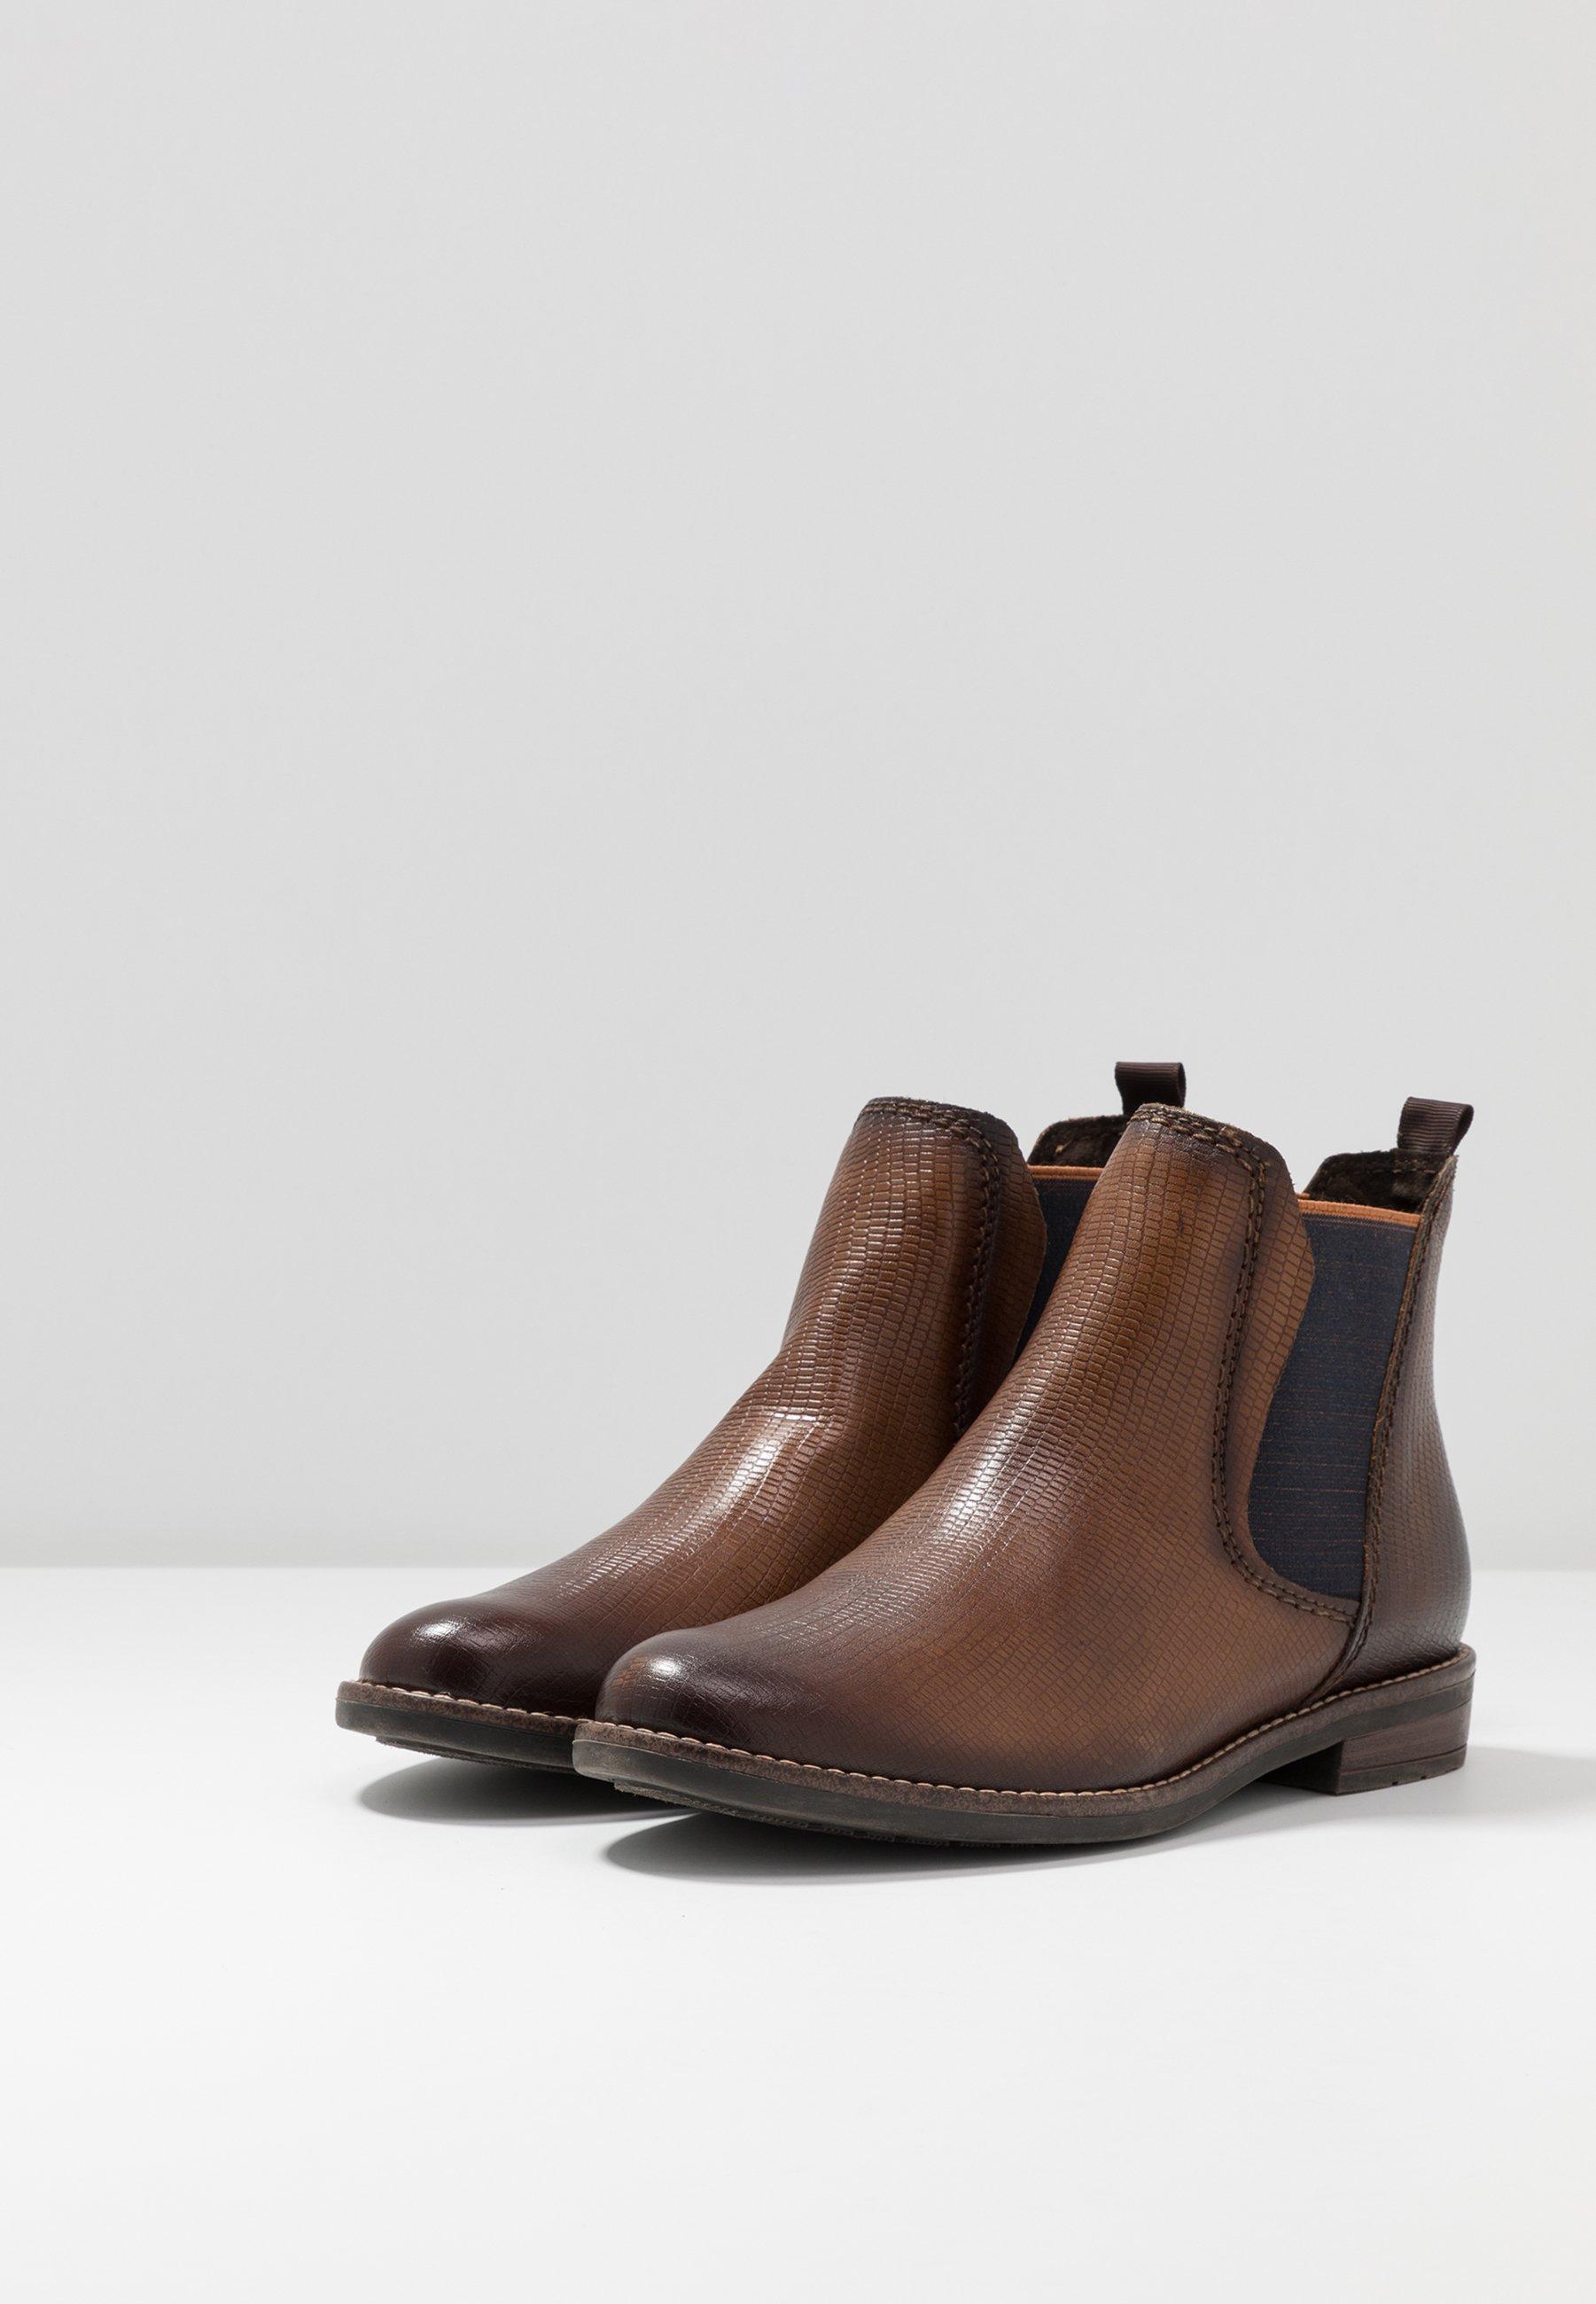 Marco Tozzi Ankle Boot cognac lizard/cognac